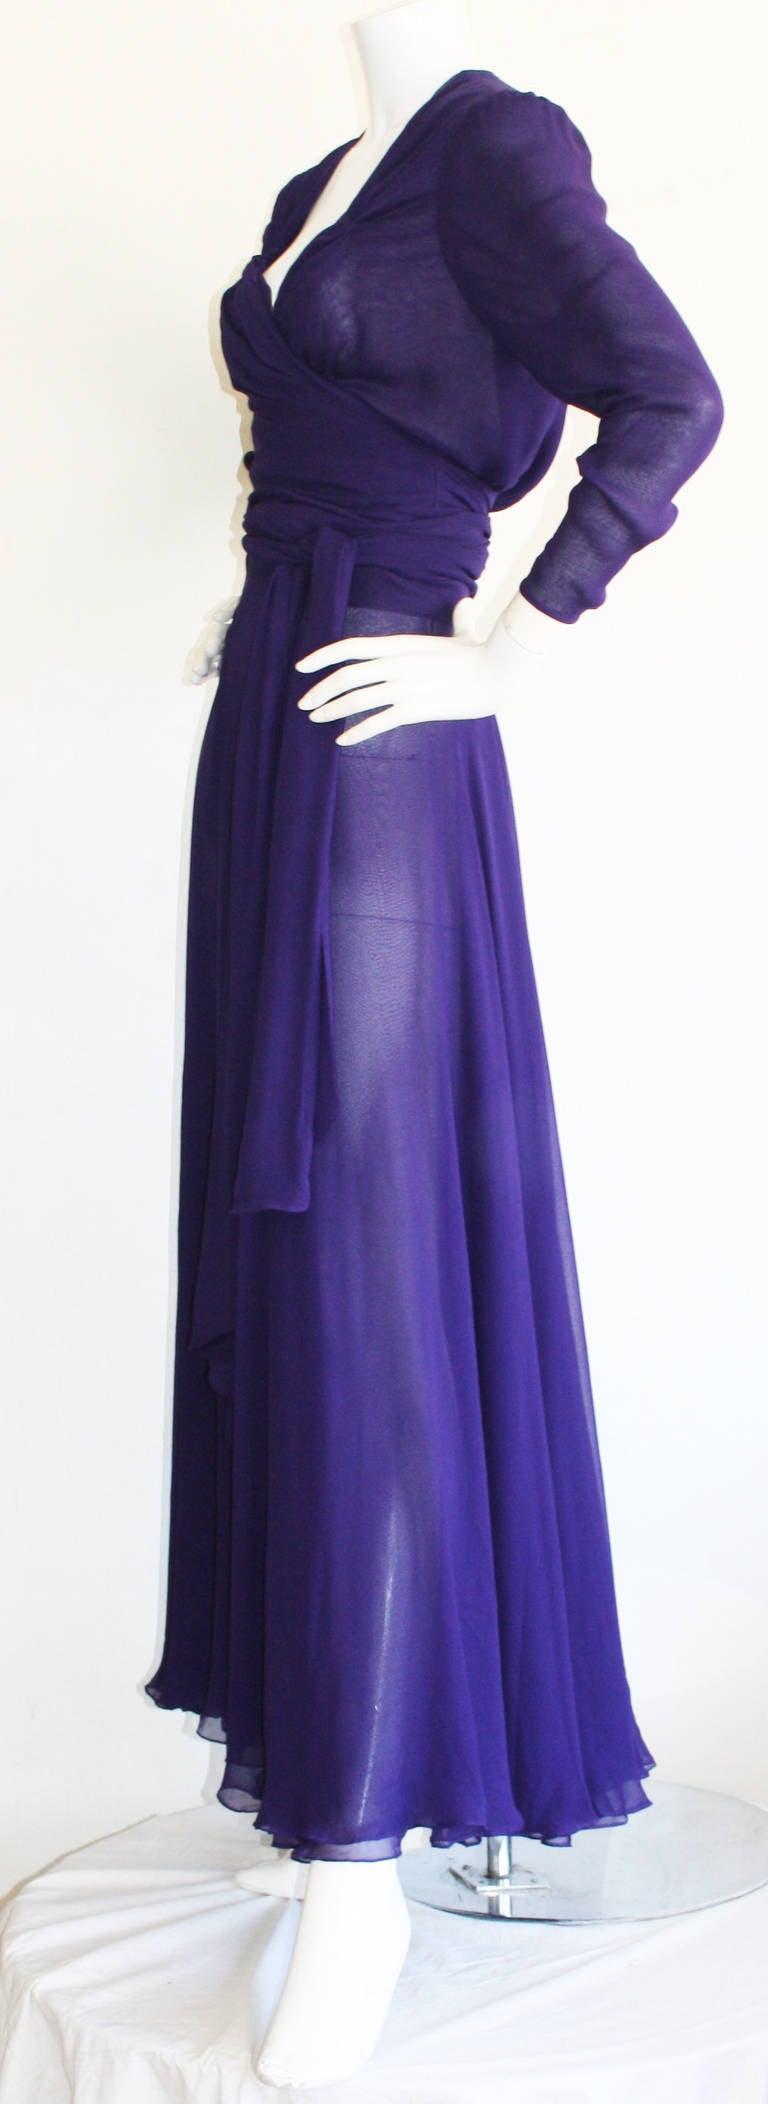 June Carter Cash's Stunning Vintage Purple Chiffon Gown ... June Carter Dress